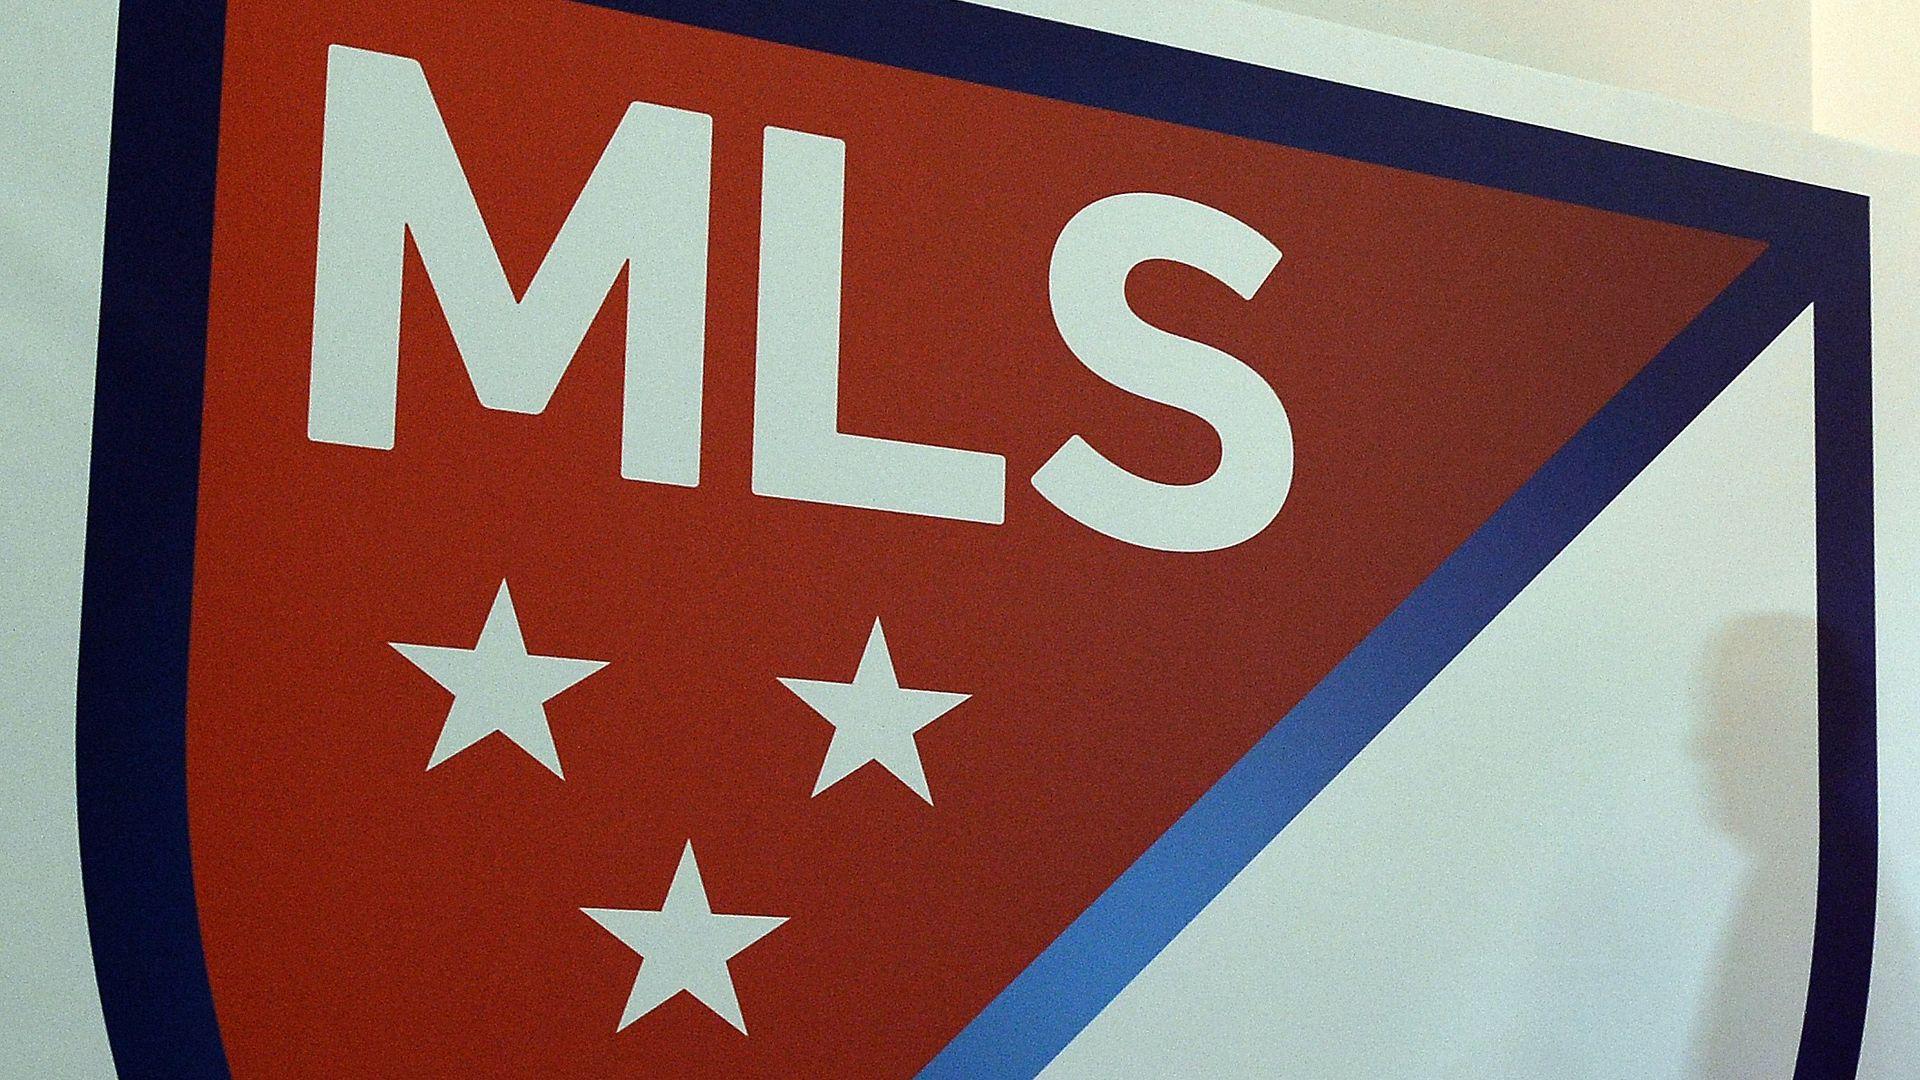 Coronavirus: MLS players approve salary cuts